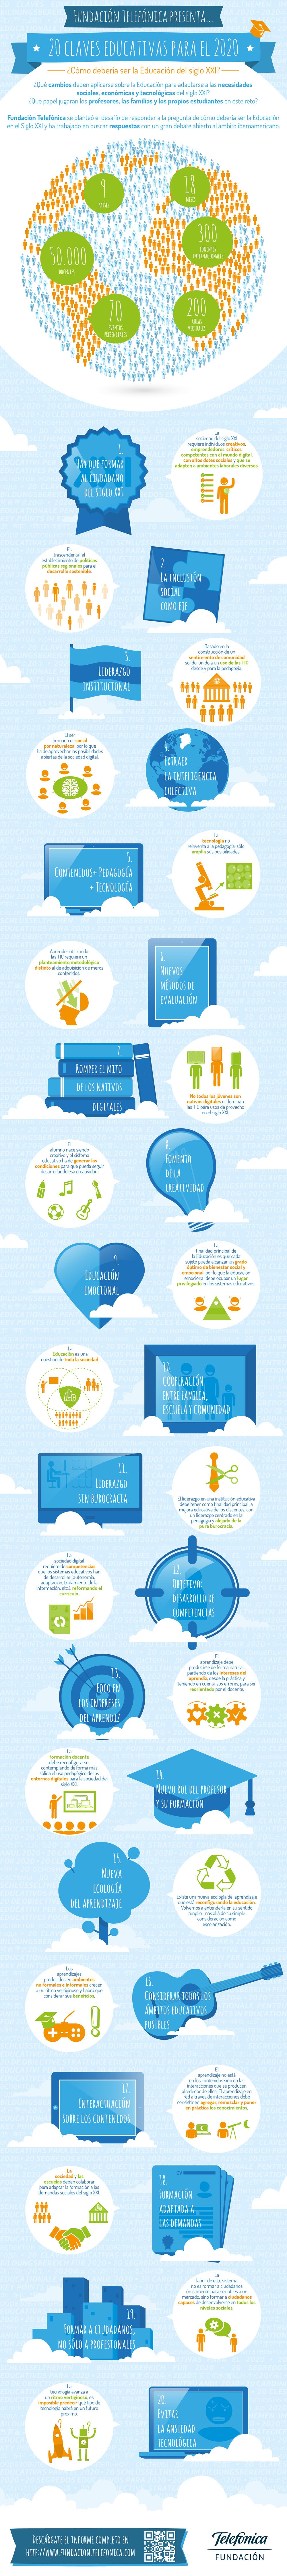 infografia 20 claves educativas para 2020 esp infgrafia